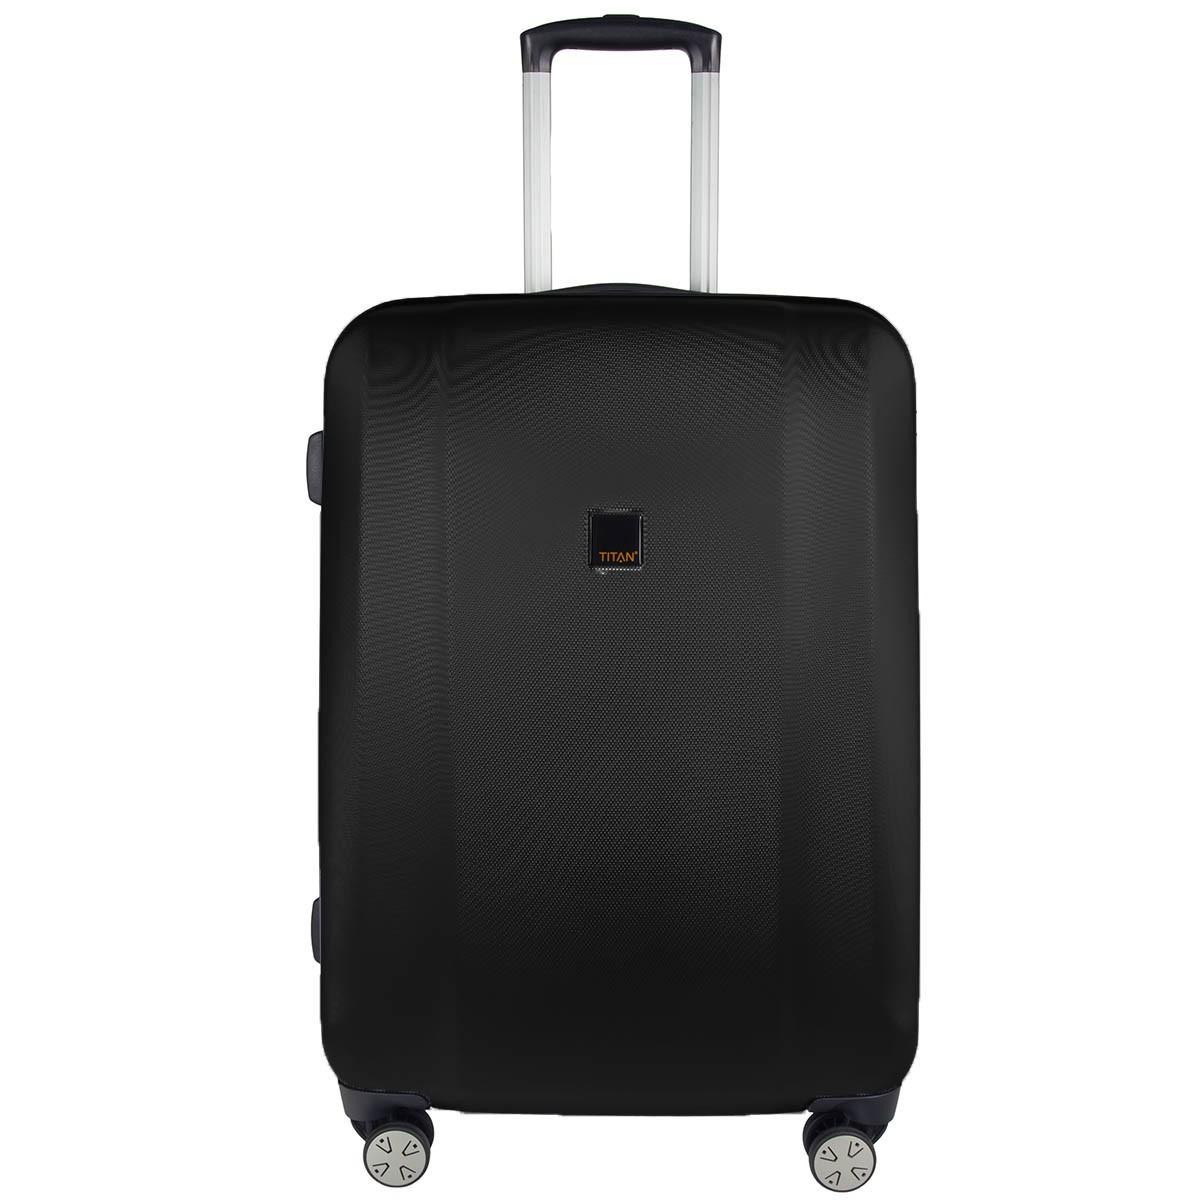 4-rad hartschalen-koffer reisekoffer trolley xxl